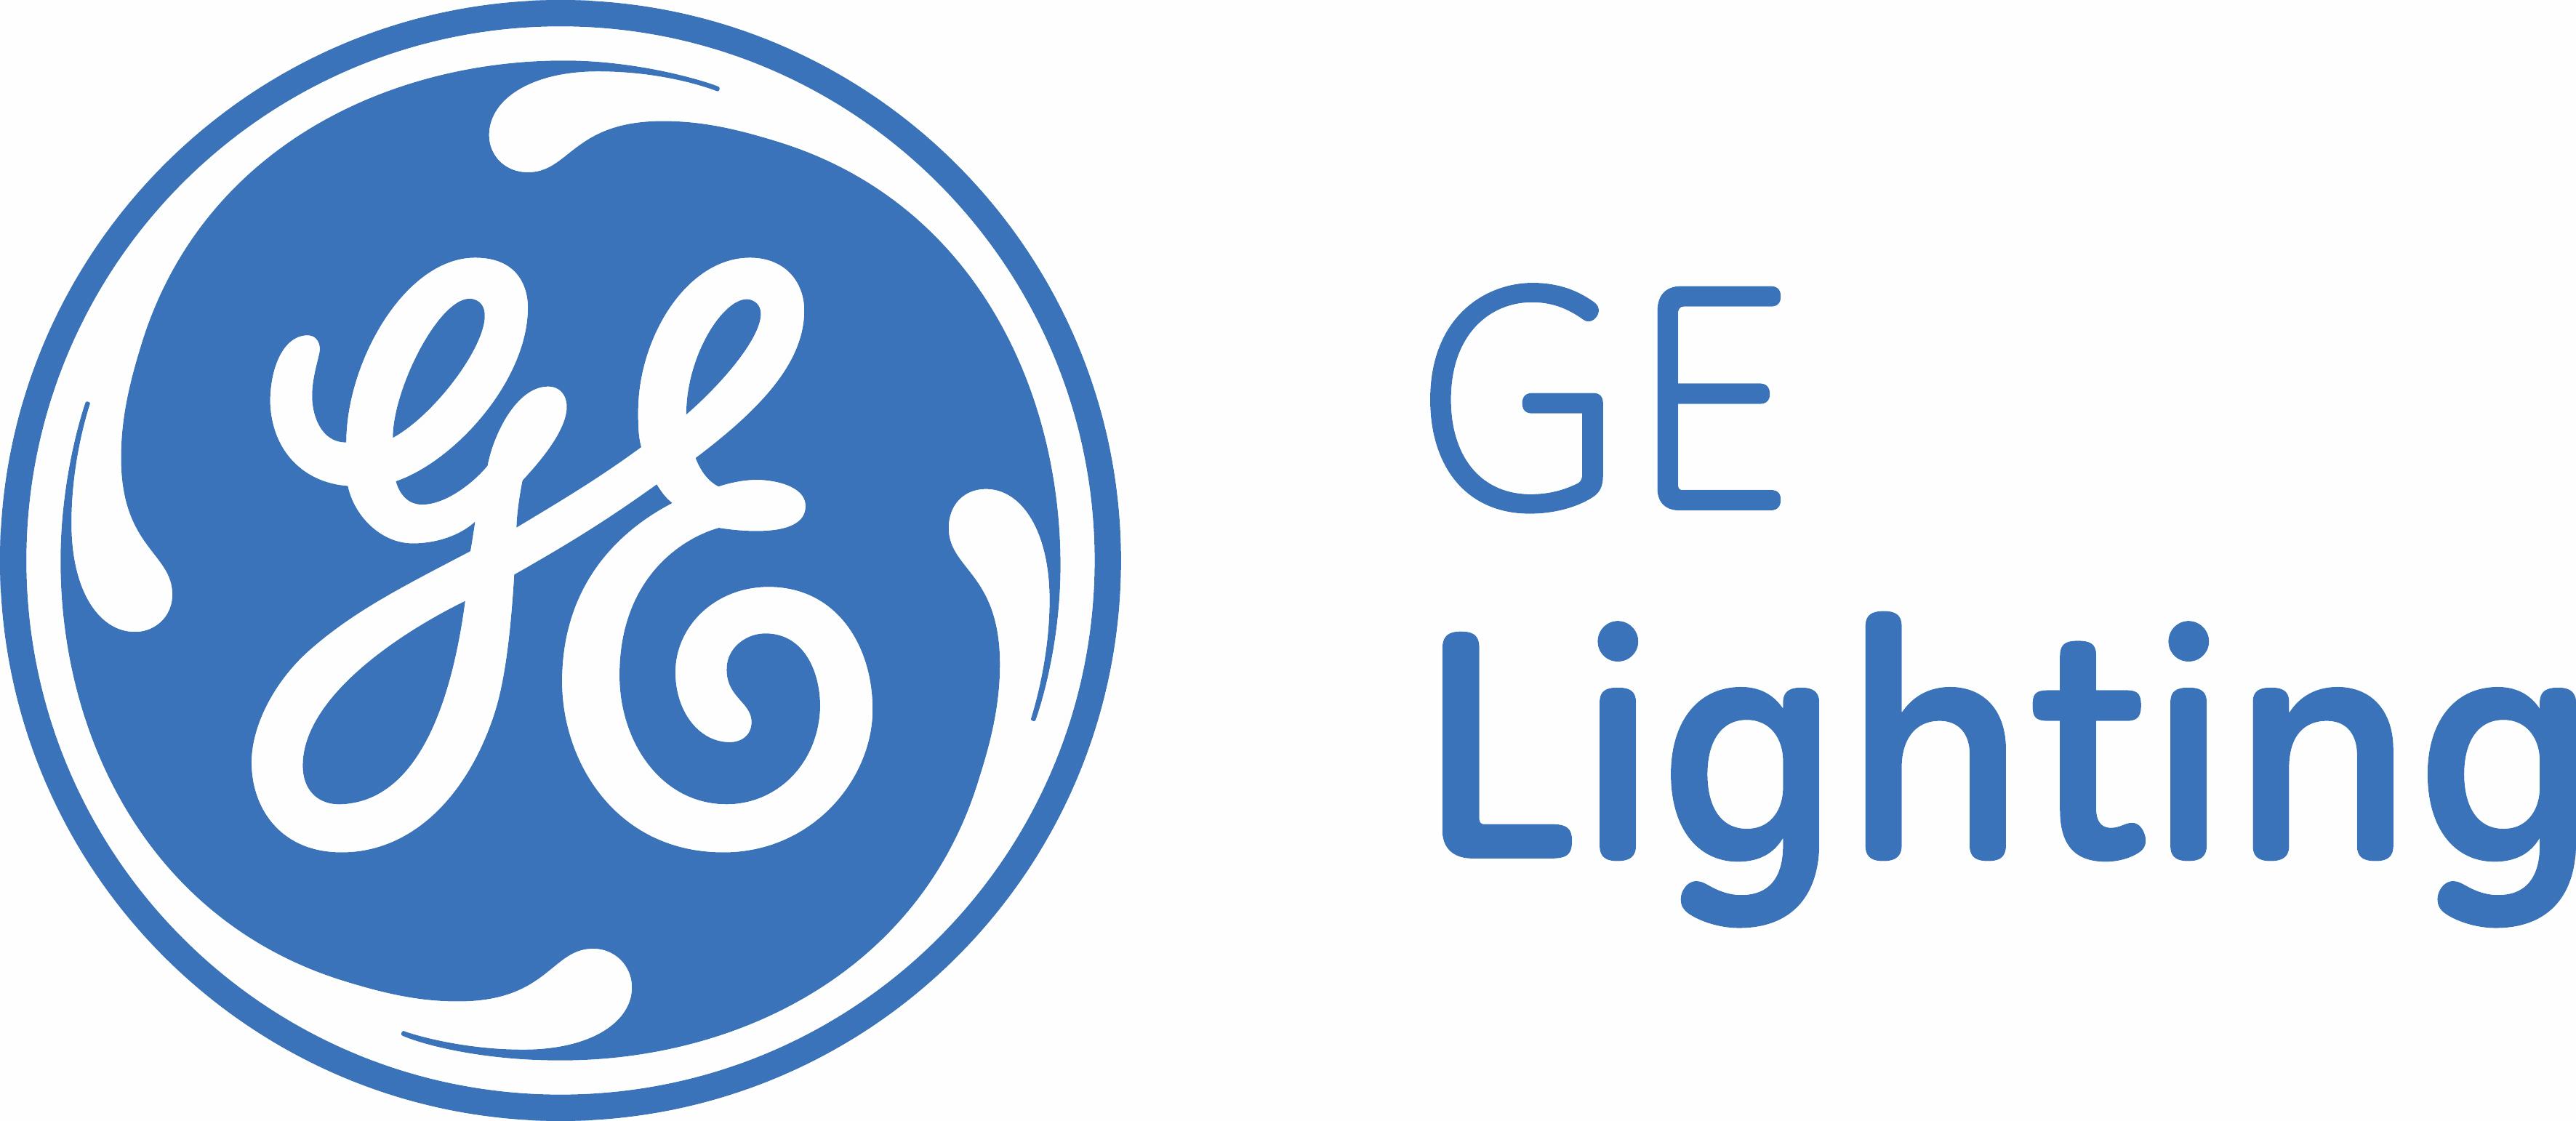 GE Lighting ist ein Geschäftsbereich der General Electric mit Sitz in Nela Park, East Cleveland, Ohio, USA und beschäftigt 17.000 Menschen und seine Wurzeln zu Thomas Edison Werk über Beleuchtung.